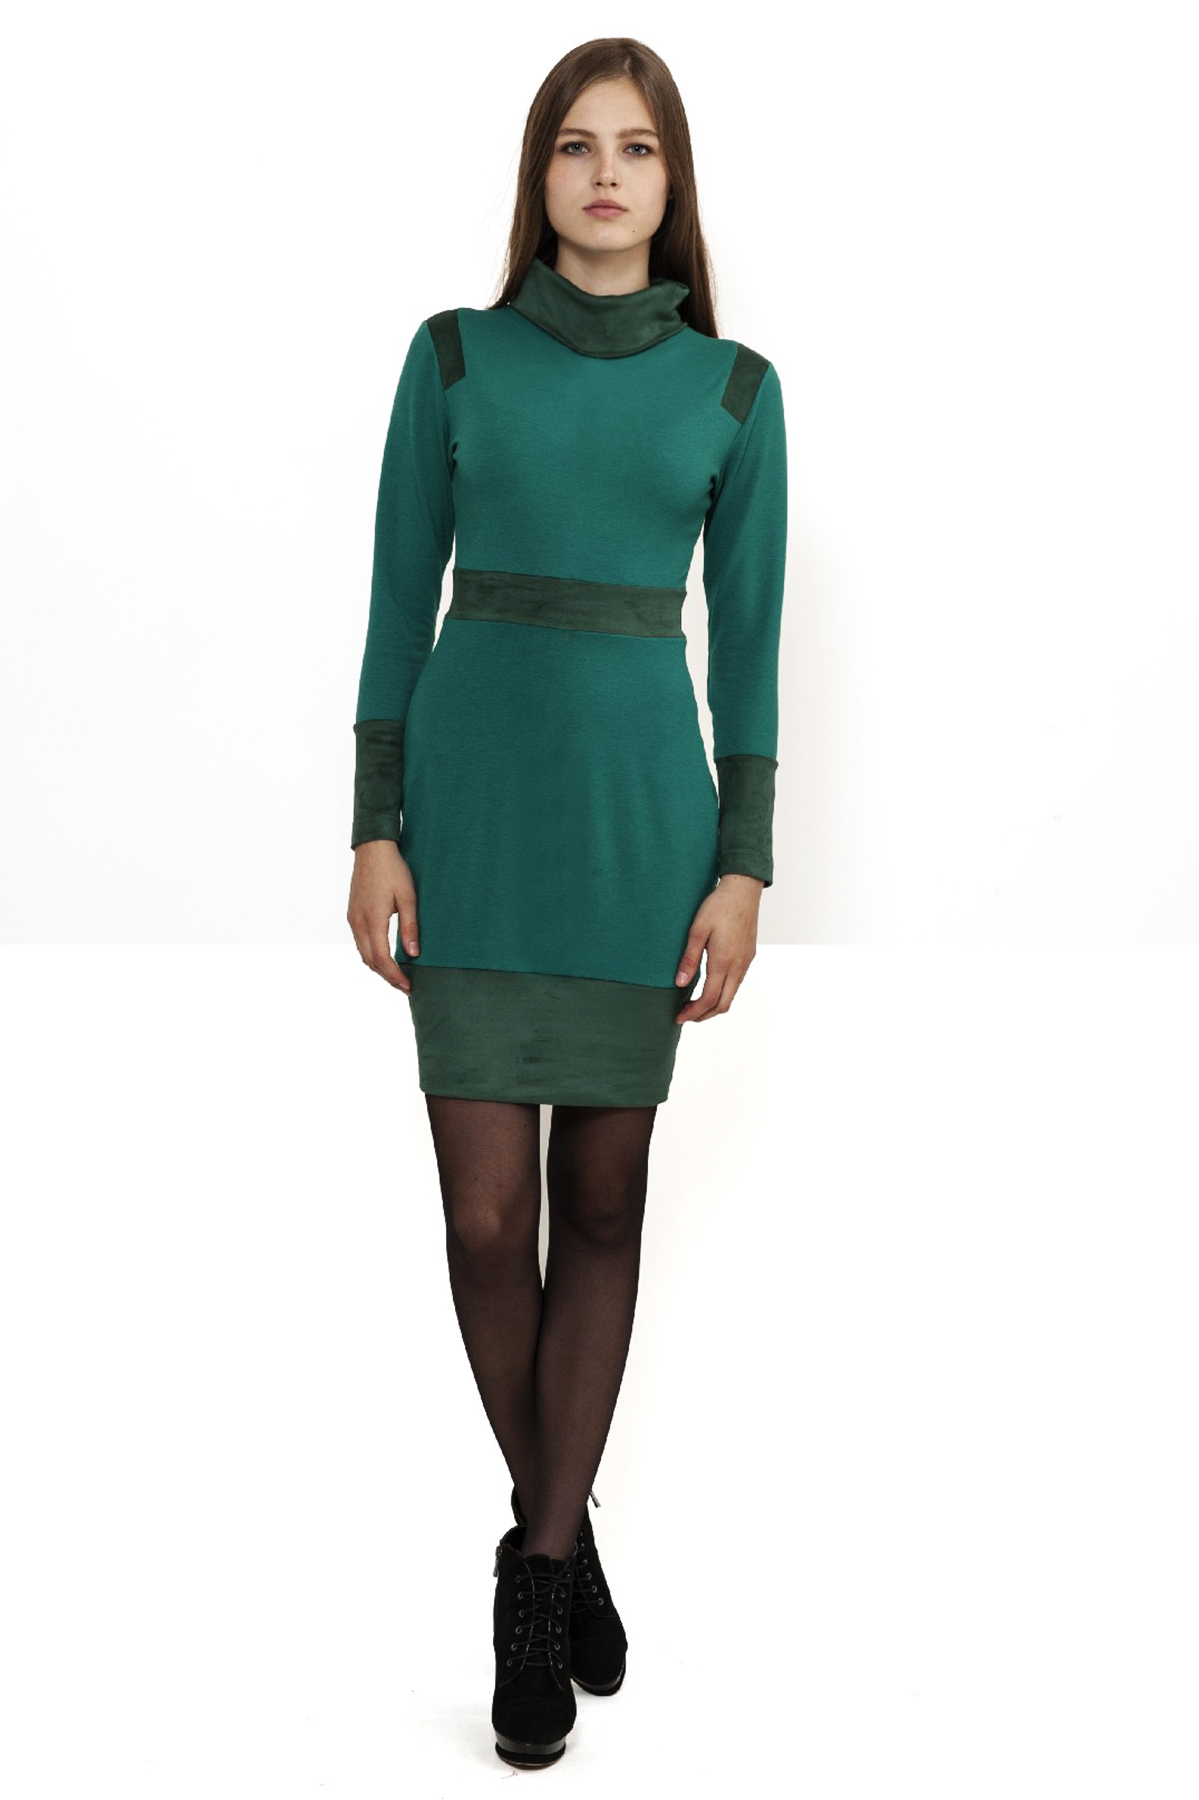 ПлатьеПлатья,  сарафаны<br>Платье с длинными рукавами и воротником гольф. Модель без застежки украшена контрастными вставками из искусственной замши. Прекрасно дополнит Ваш гардероб.<br><br>Цвет: зеленый<br>Состав: 60% вискоза, 35% полиэстер, 5% лайкра<br>Размер: 40,42,44,46,48,50,52,54<br>Страна дизайна: Россия<br>Страна производства: Россия